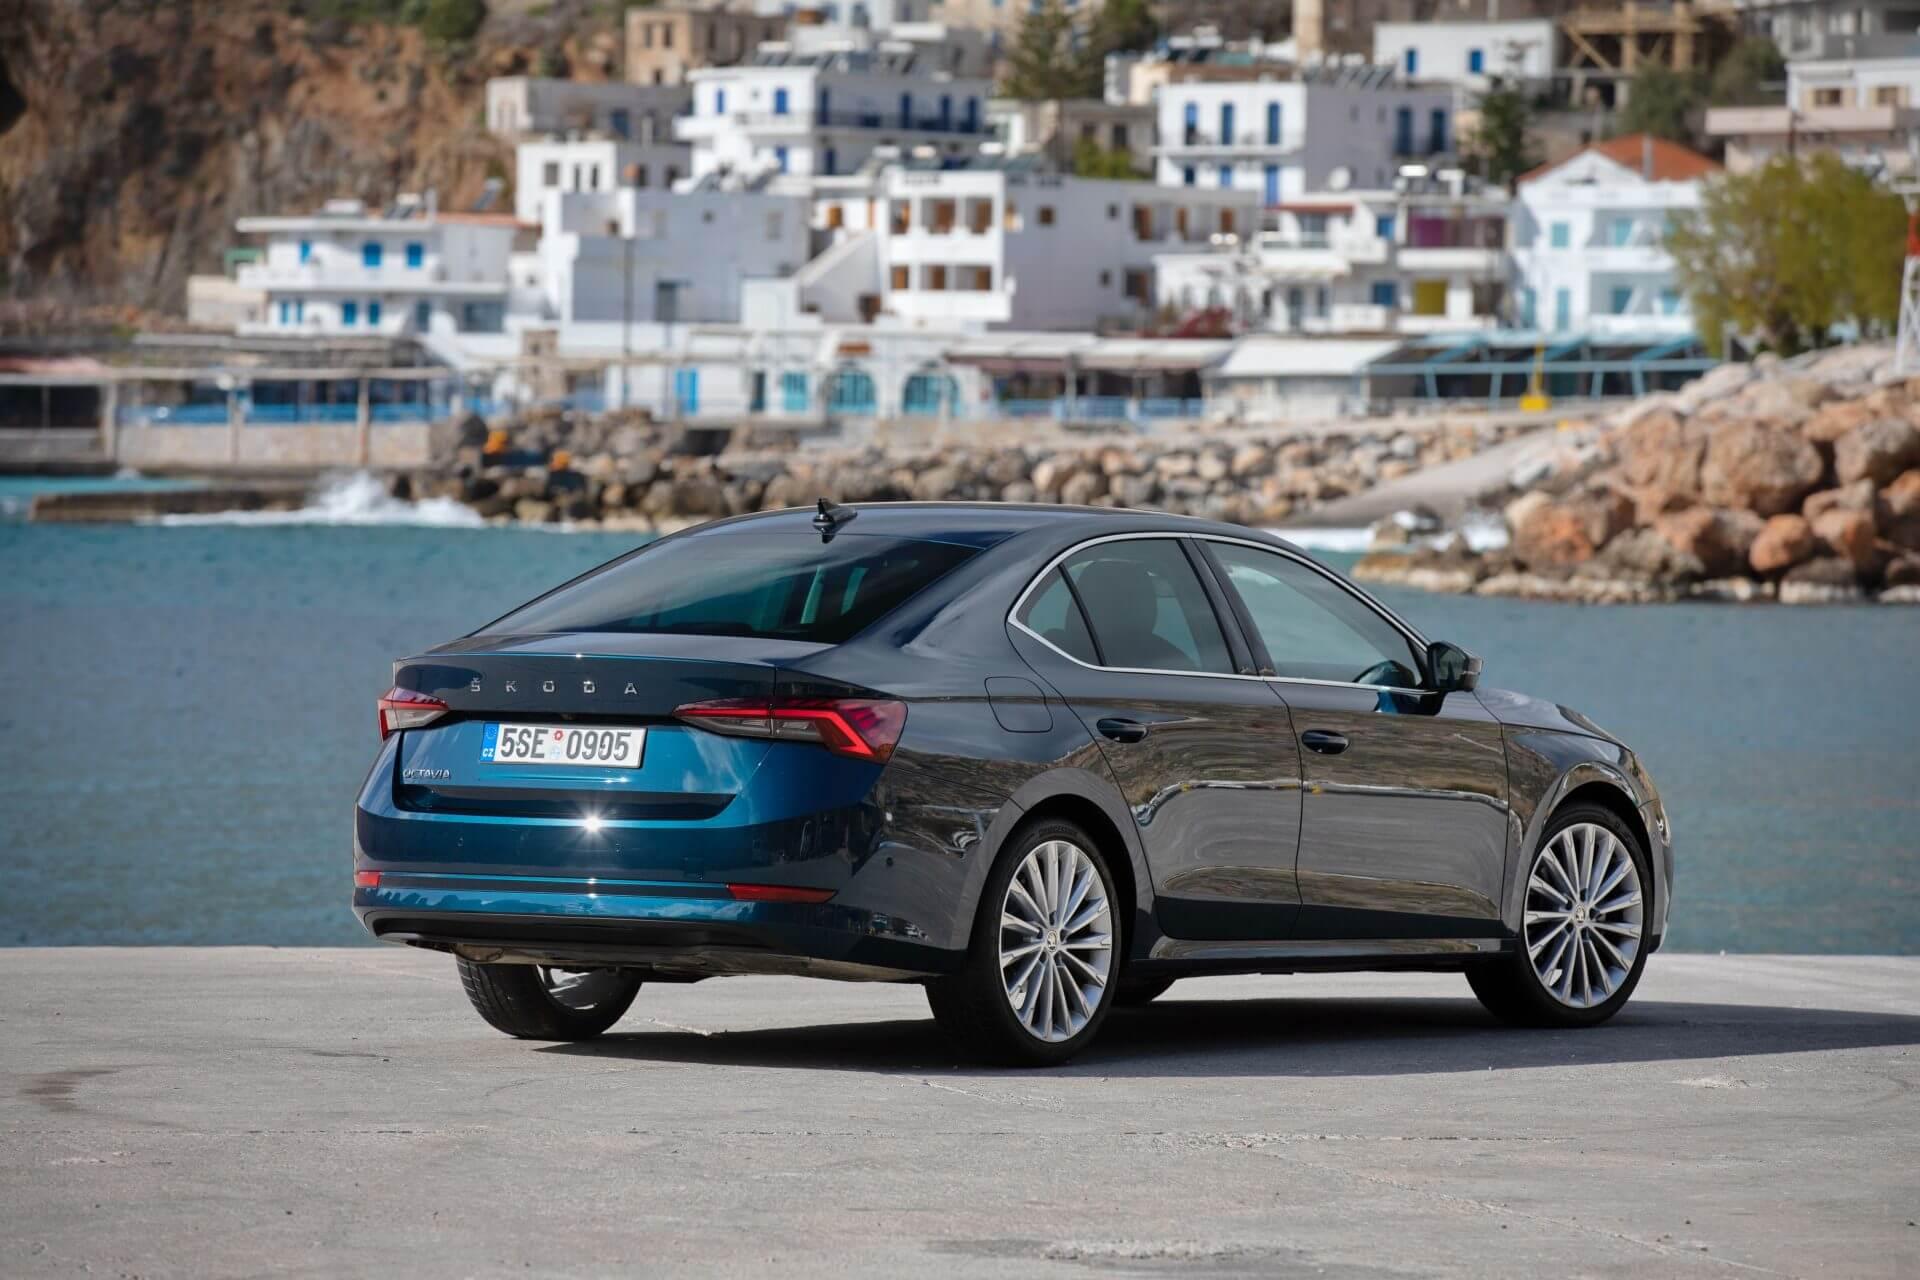 Η νέα SKODA OCTAVIA Grand Coupe φωτογραφημένη στην Κρήτη - Πίσω όψη